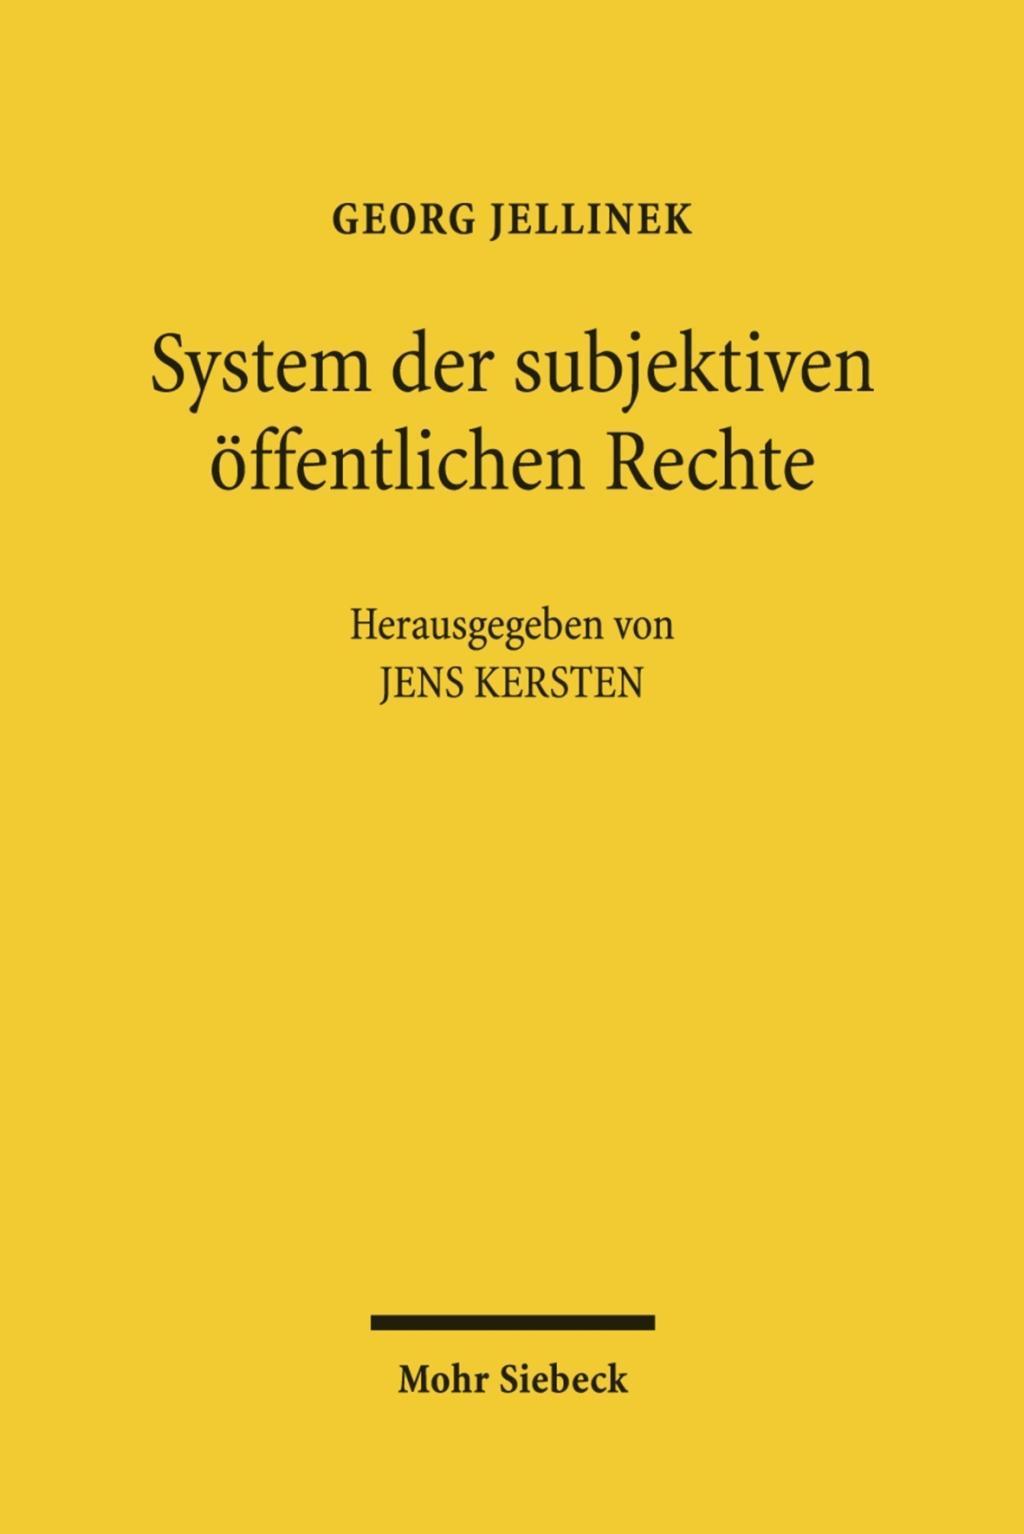 System-der-subjektiven-oeffentlichen-Rechte-Georg-Jellinek